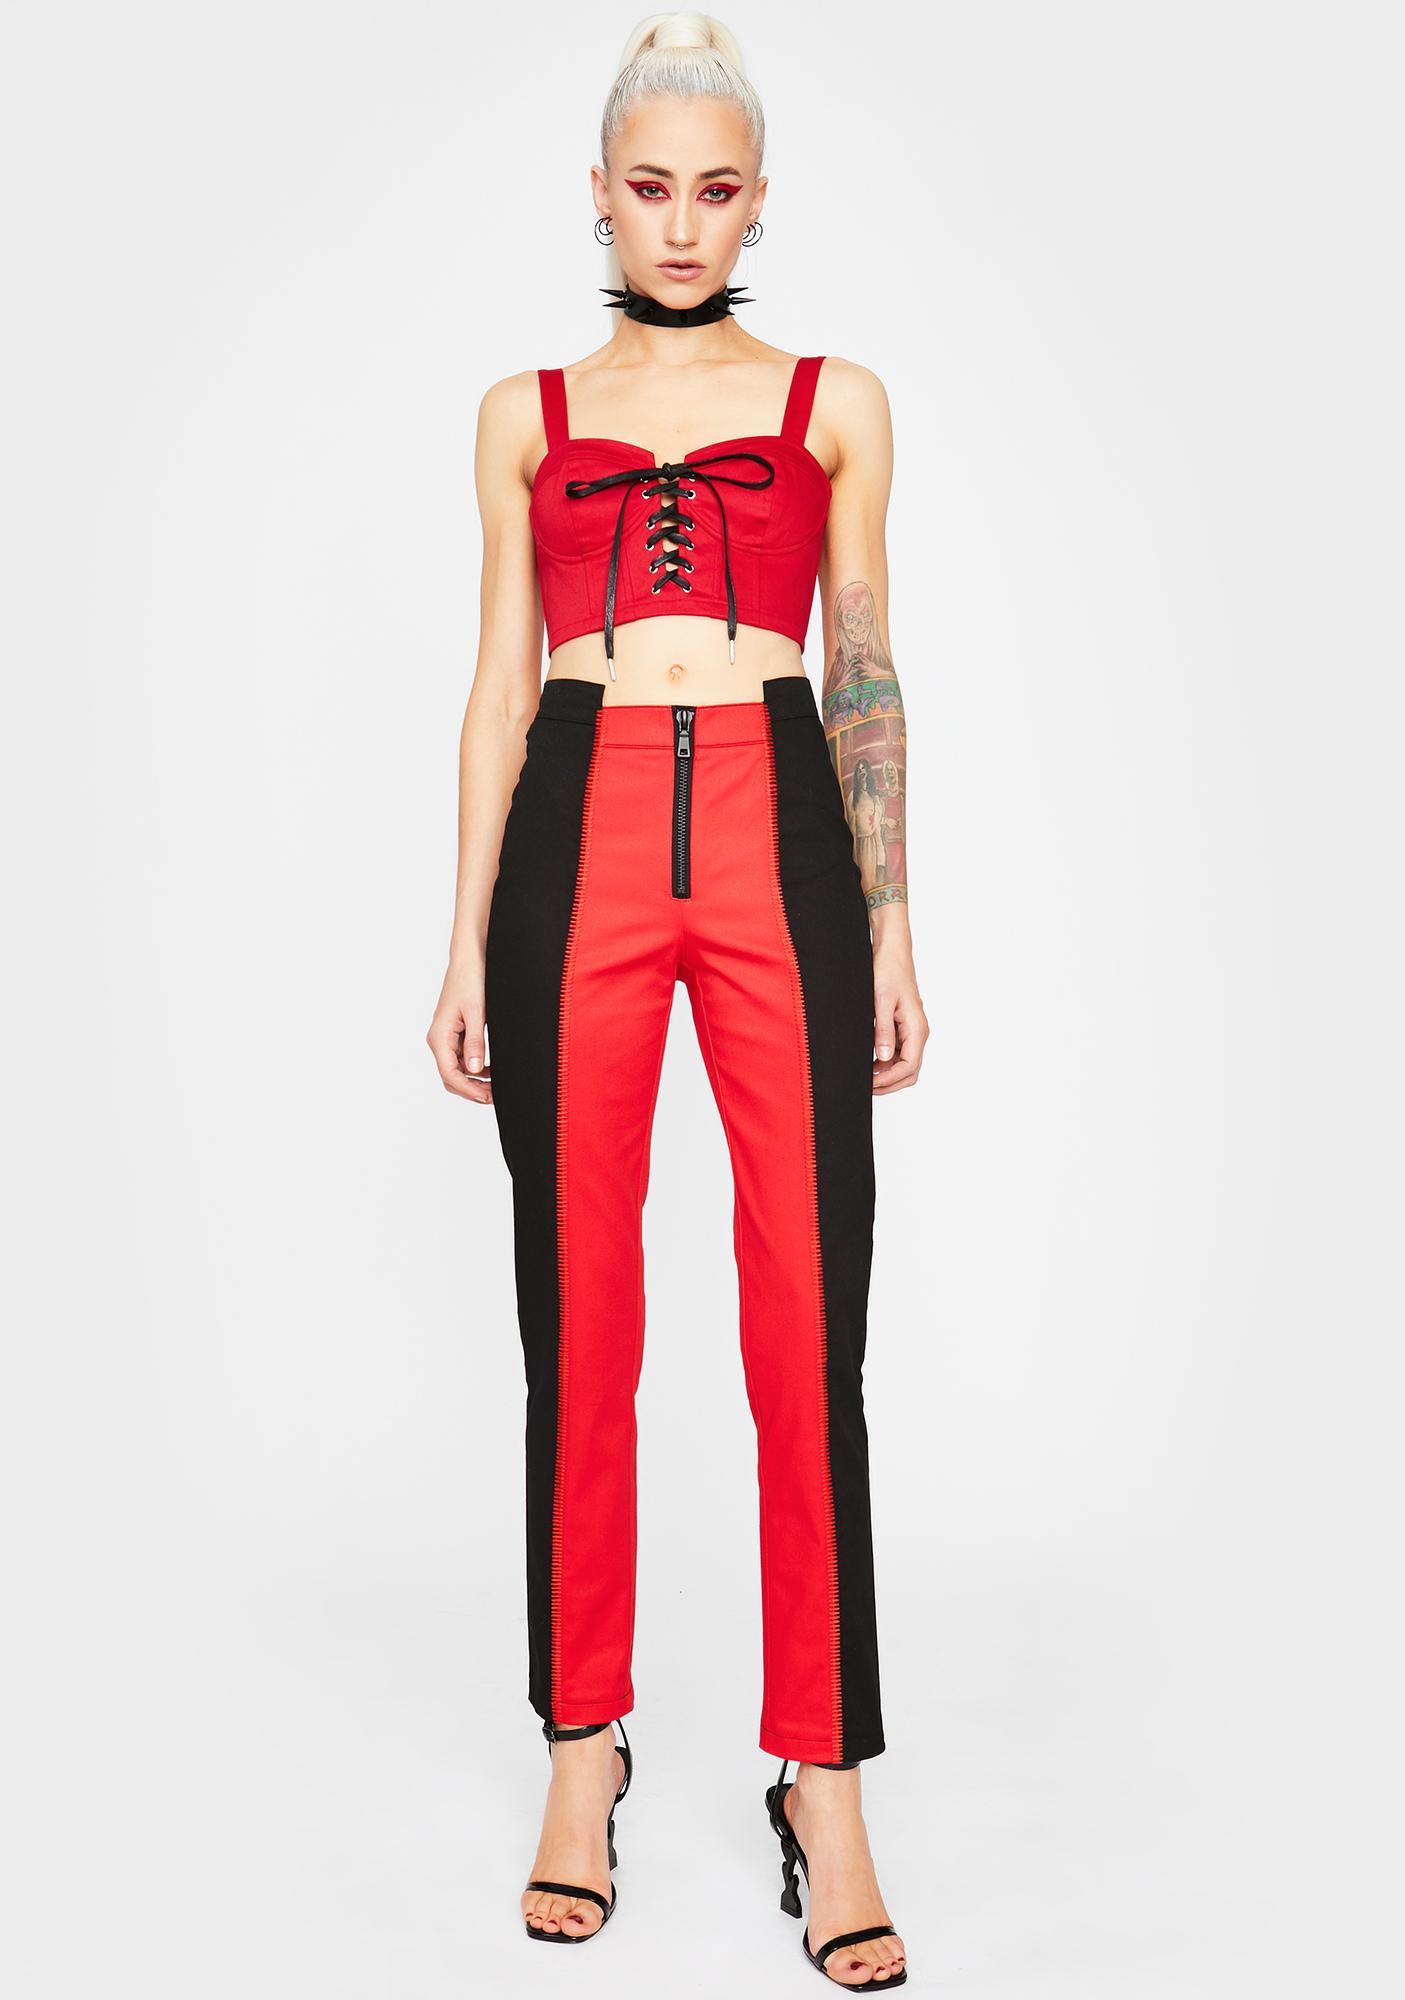 HOROSCOPEZ Double Trouble Colorblock Trousers